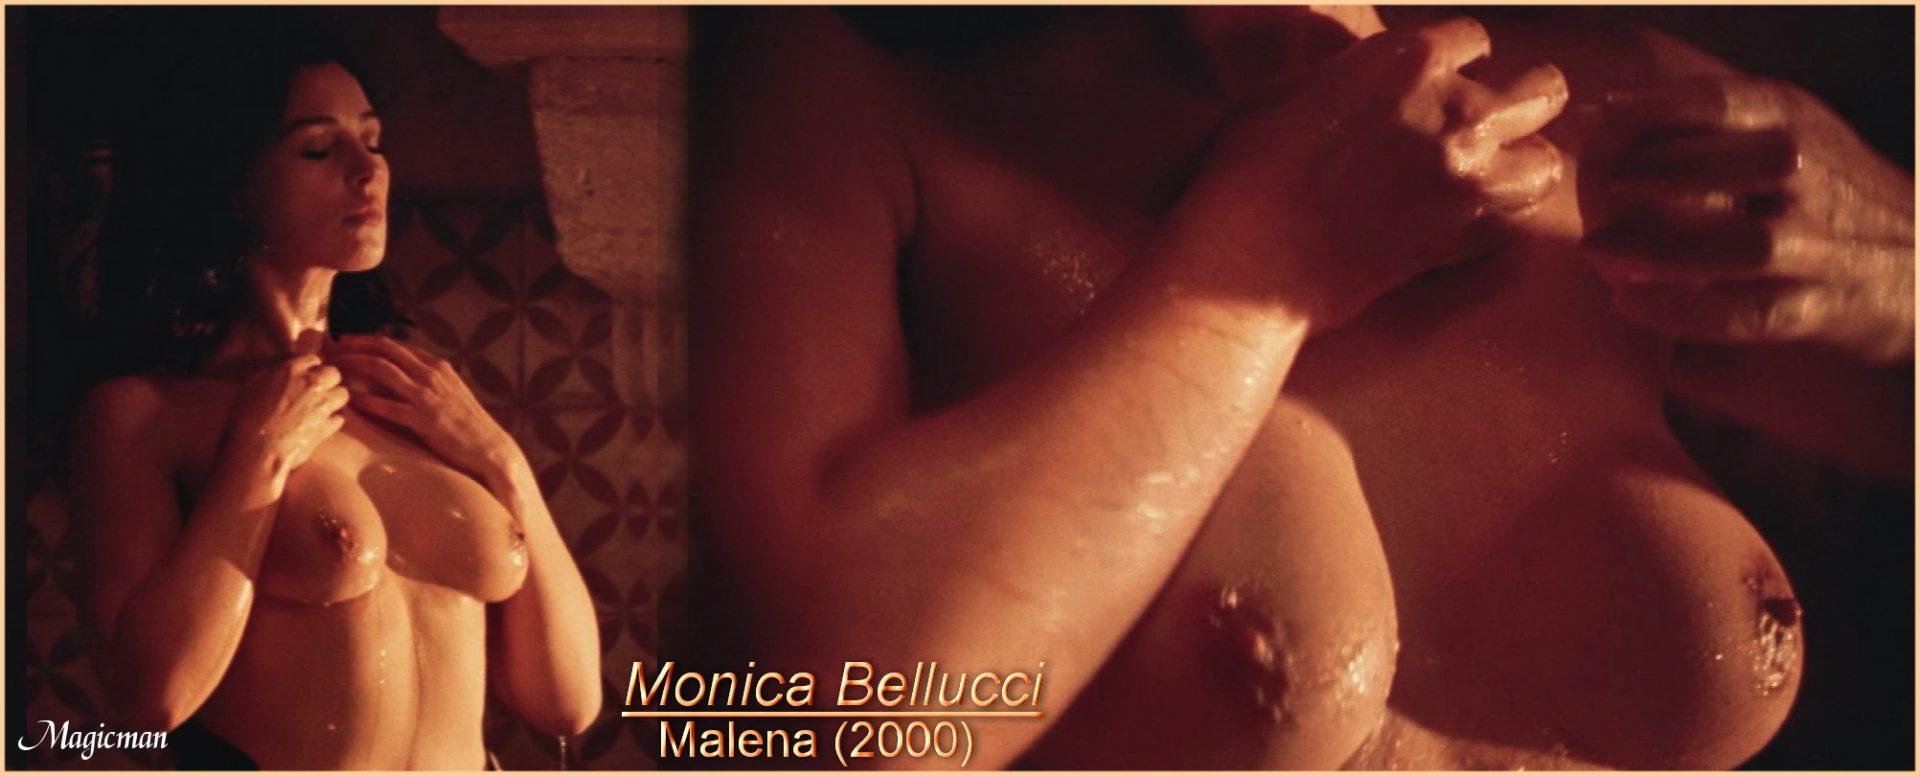 monica_bellucci 38